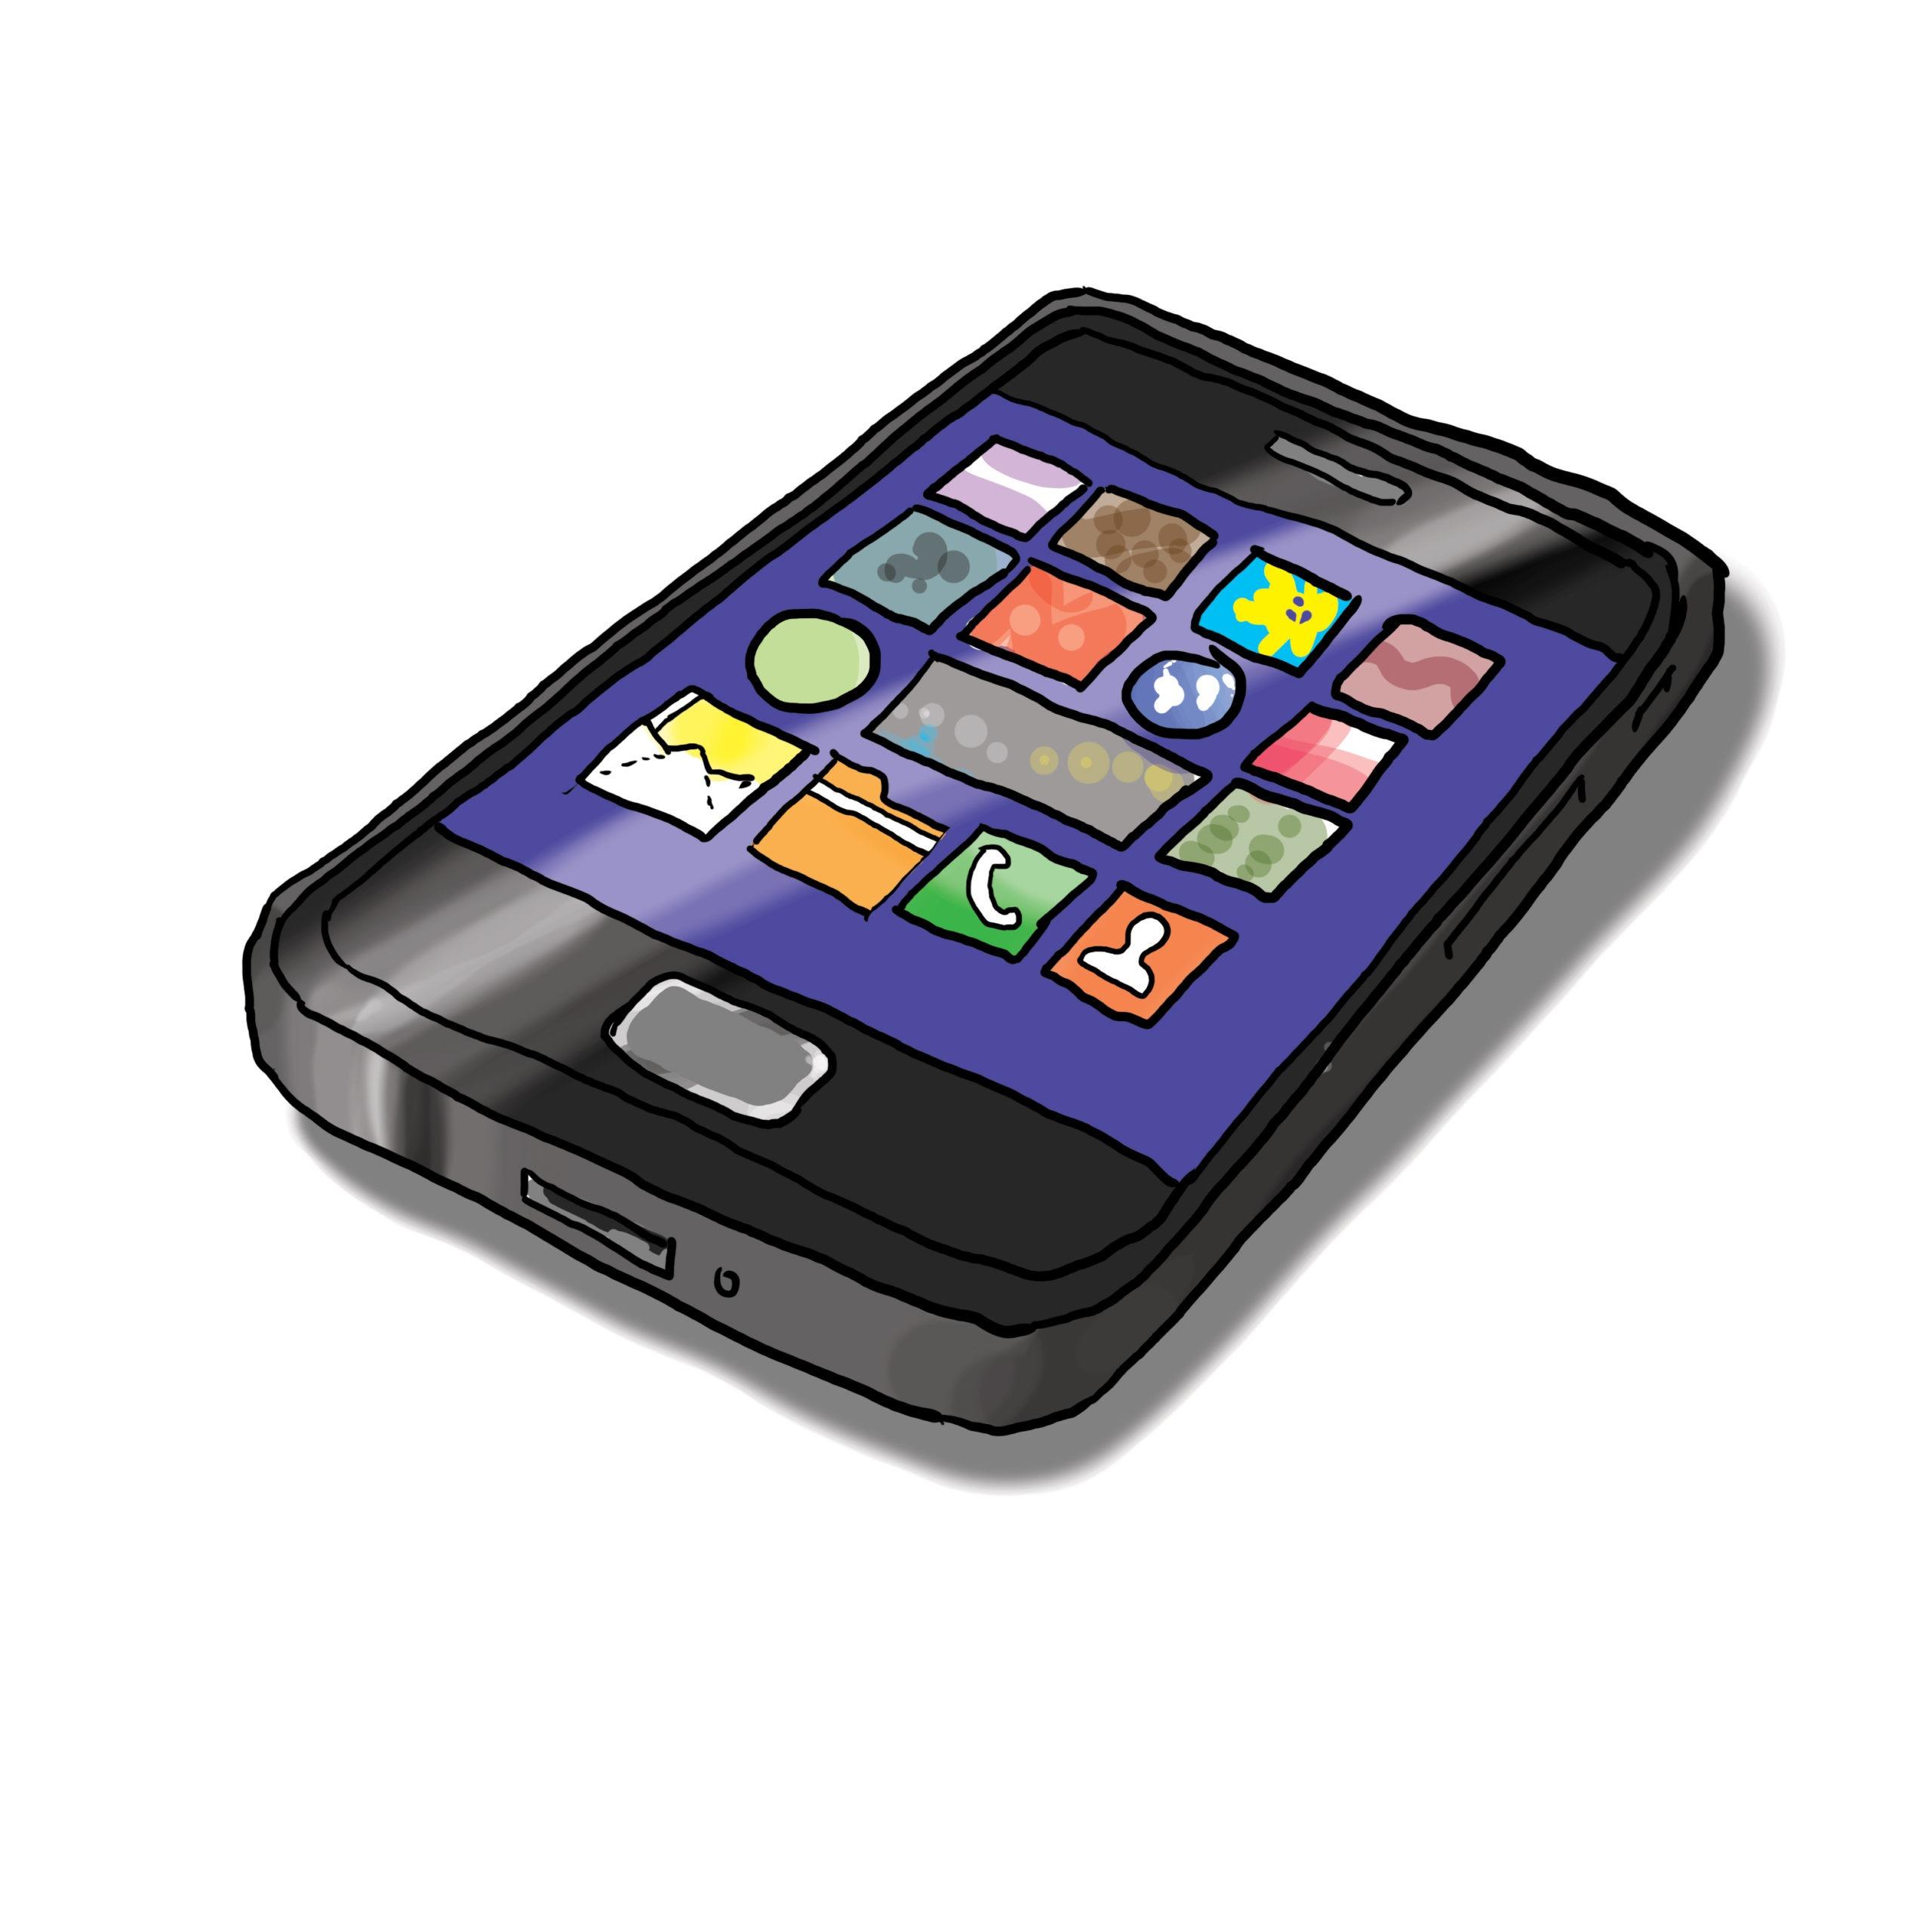 Das Bild zeigt ein Smartphone.